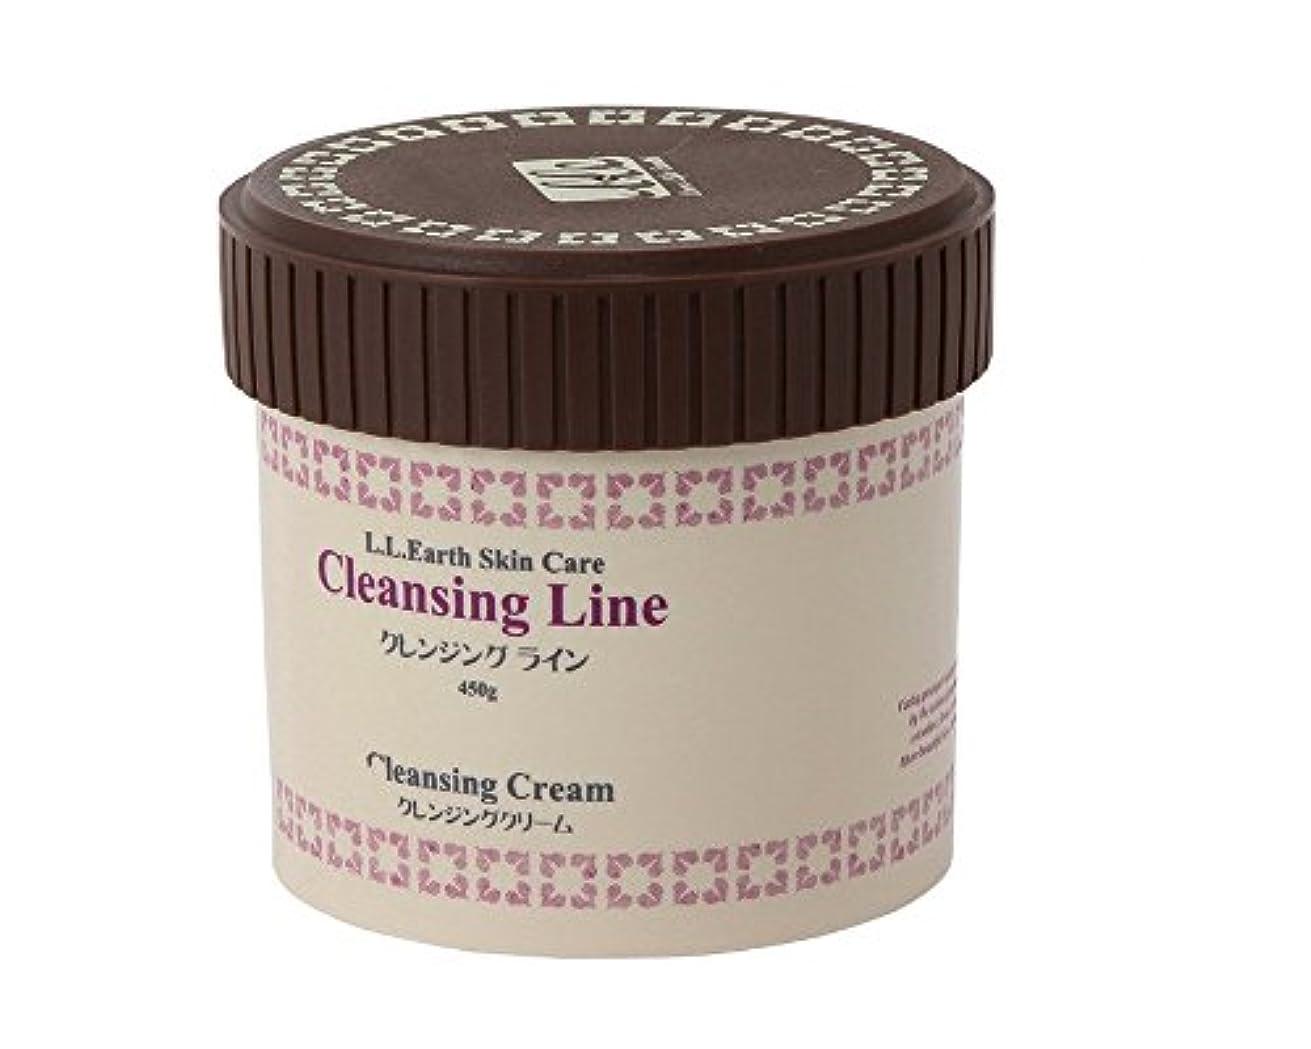 化合物たっぷり実現可能性LLE 業務用 クレンジングクリーム 450g ( メイク落とし 拭き取り?洗い流し両用 ) C